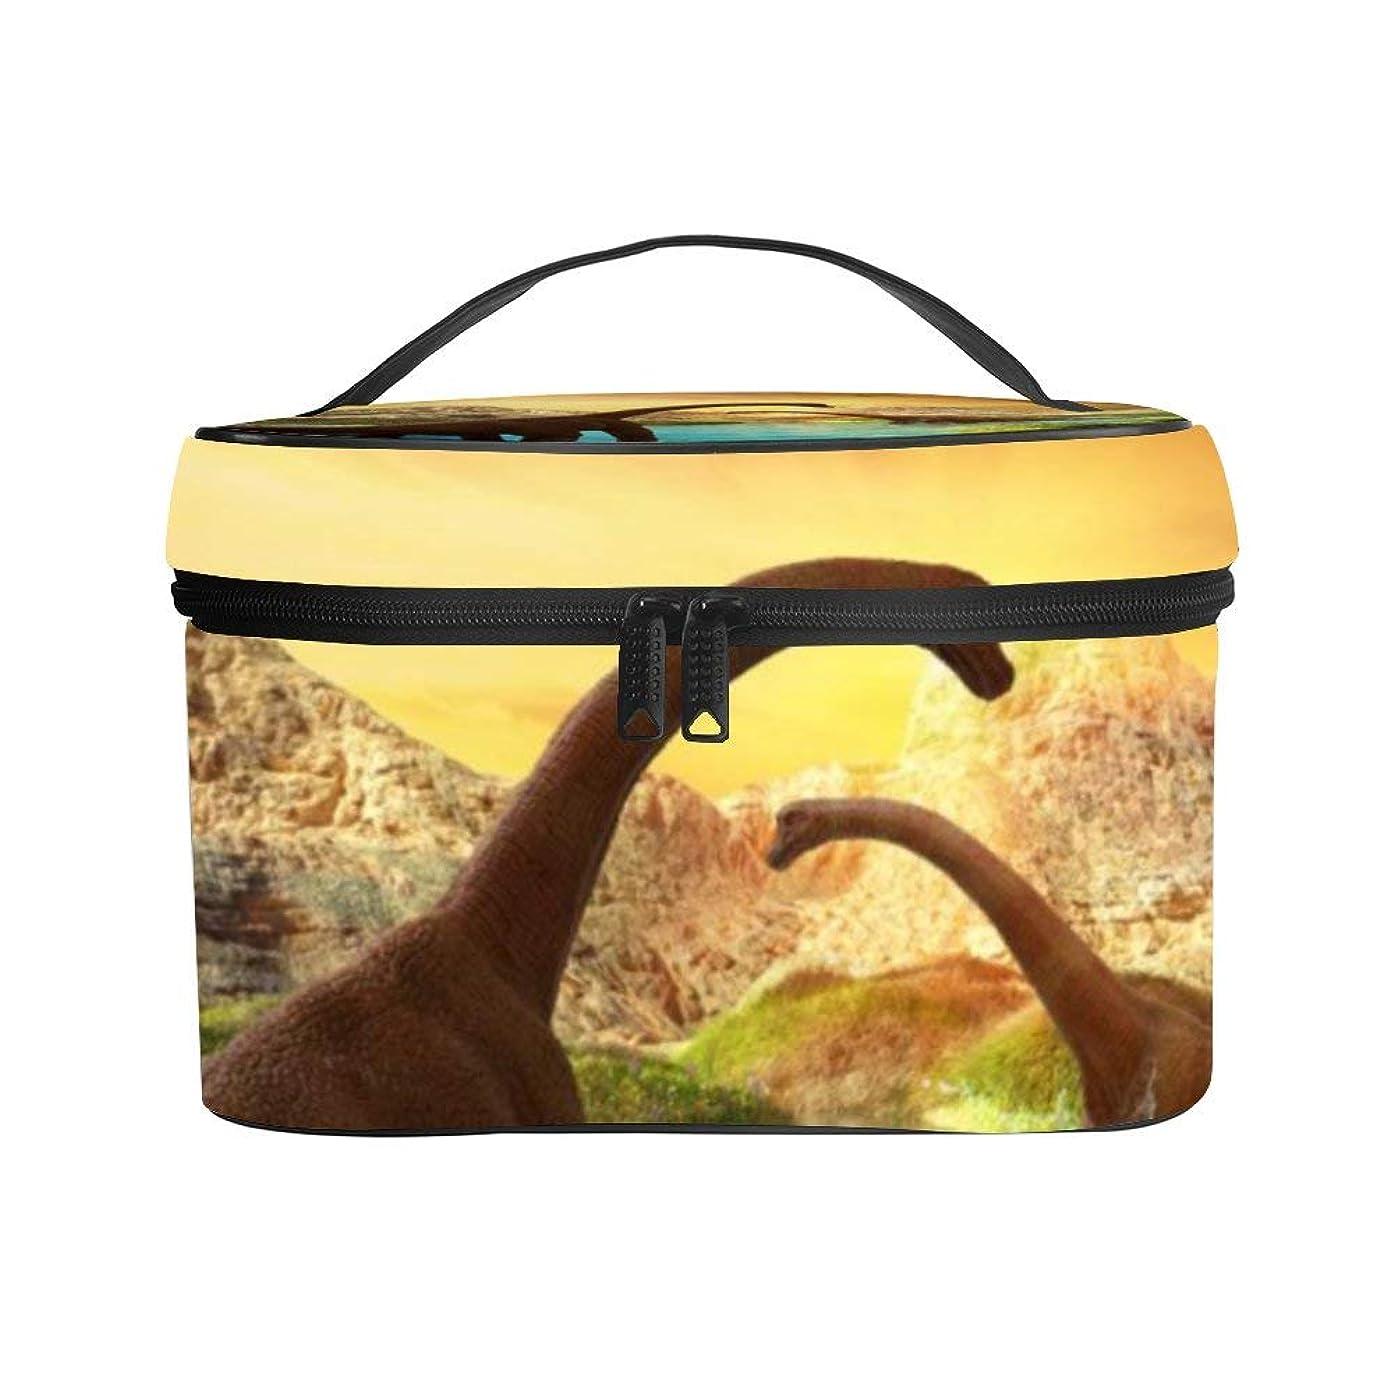 パーティーハイランドトークメイクぼっくす PUレザー コスメボックス バニティポーチ 恐竜 植物 湖 化粧ボックス メイクブラシバッグ トラベルバッグ 人気 かわいい 大容量 機能的